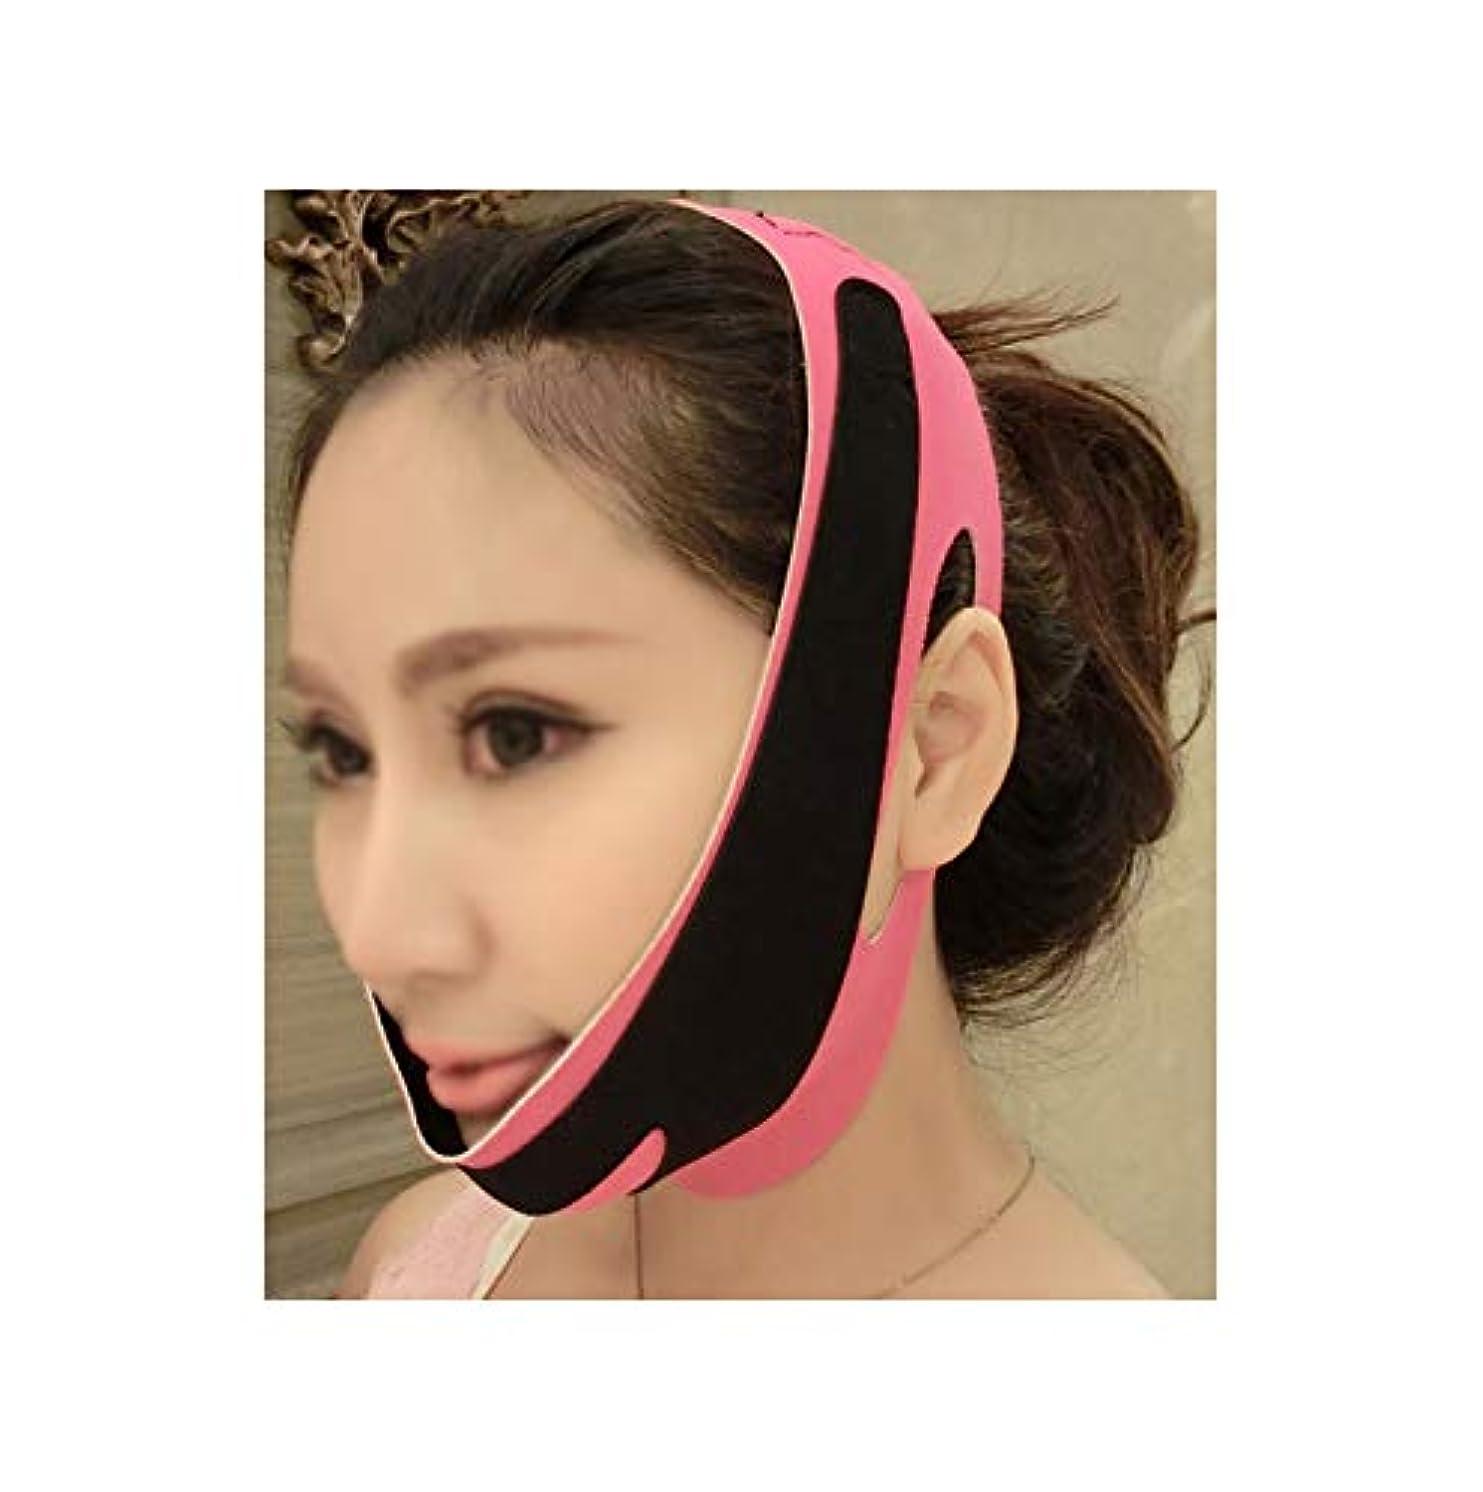 従う用量によってTLMY 二重あごを取り除くために顔を持ち上げる包帯顔スリムVラインの顔の形のあごの頬を持ち上げる抗しわリフトベルトフェイシャルマッサージツール女性と女の子3顔包帯 顔用整形マスク